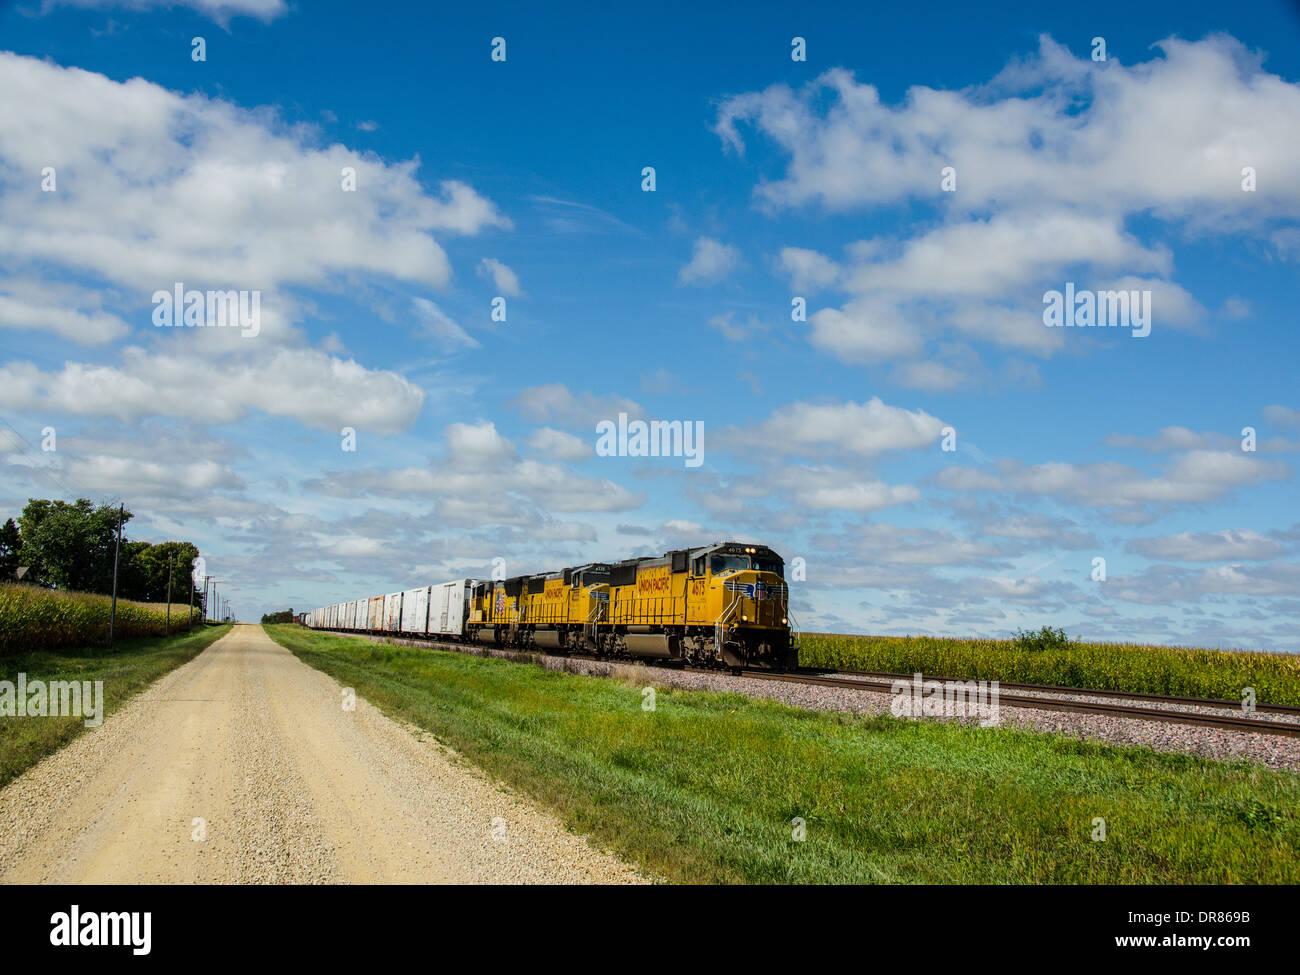 Lincoln Highway route de gravier le long de la voie ferrée où l'Union Pacific train est en marche près de Ashton, Illinois Photo Stock